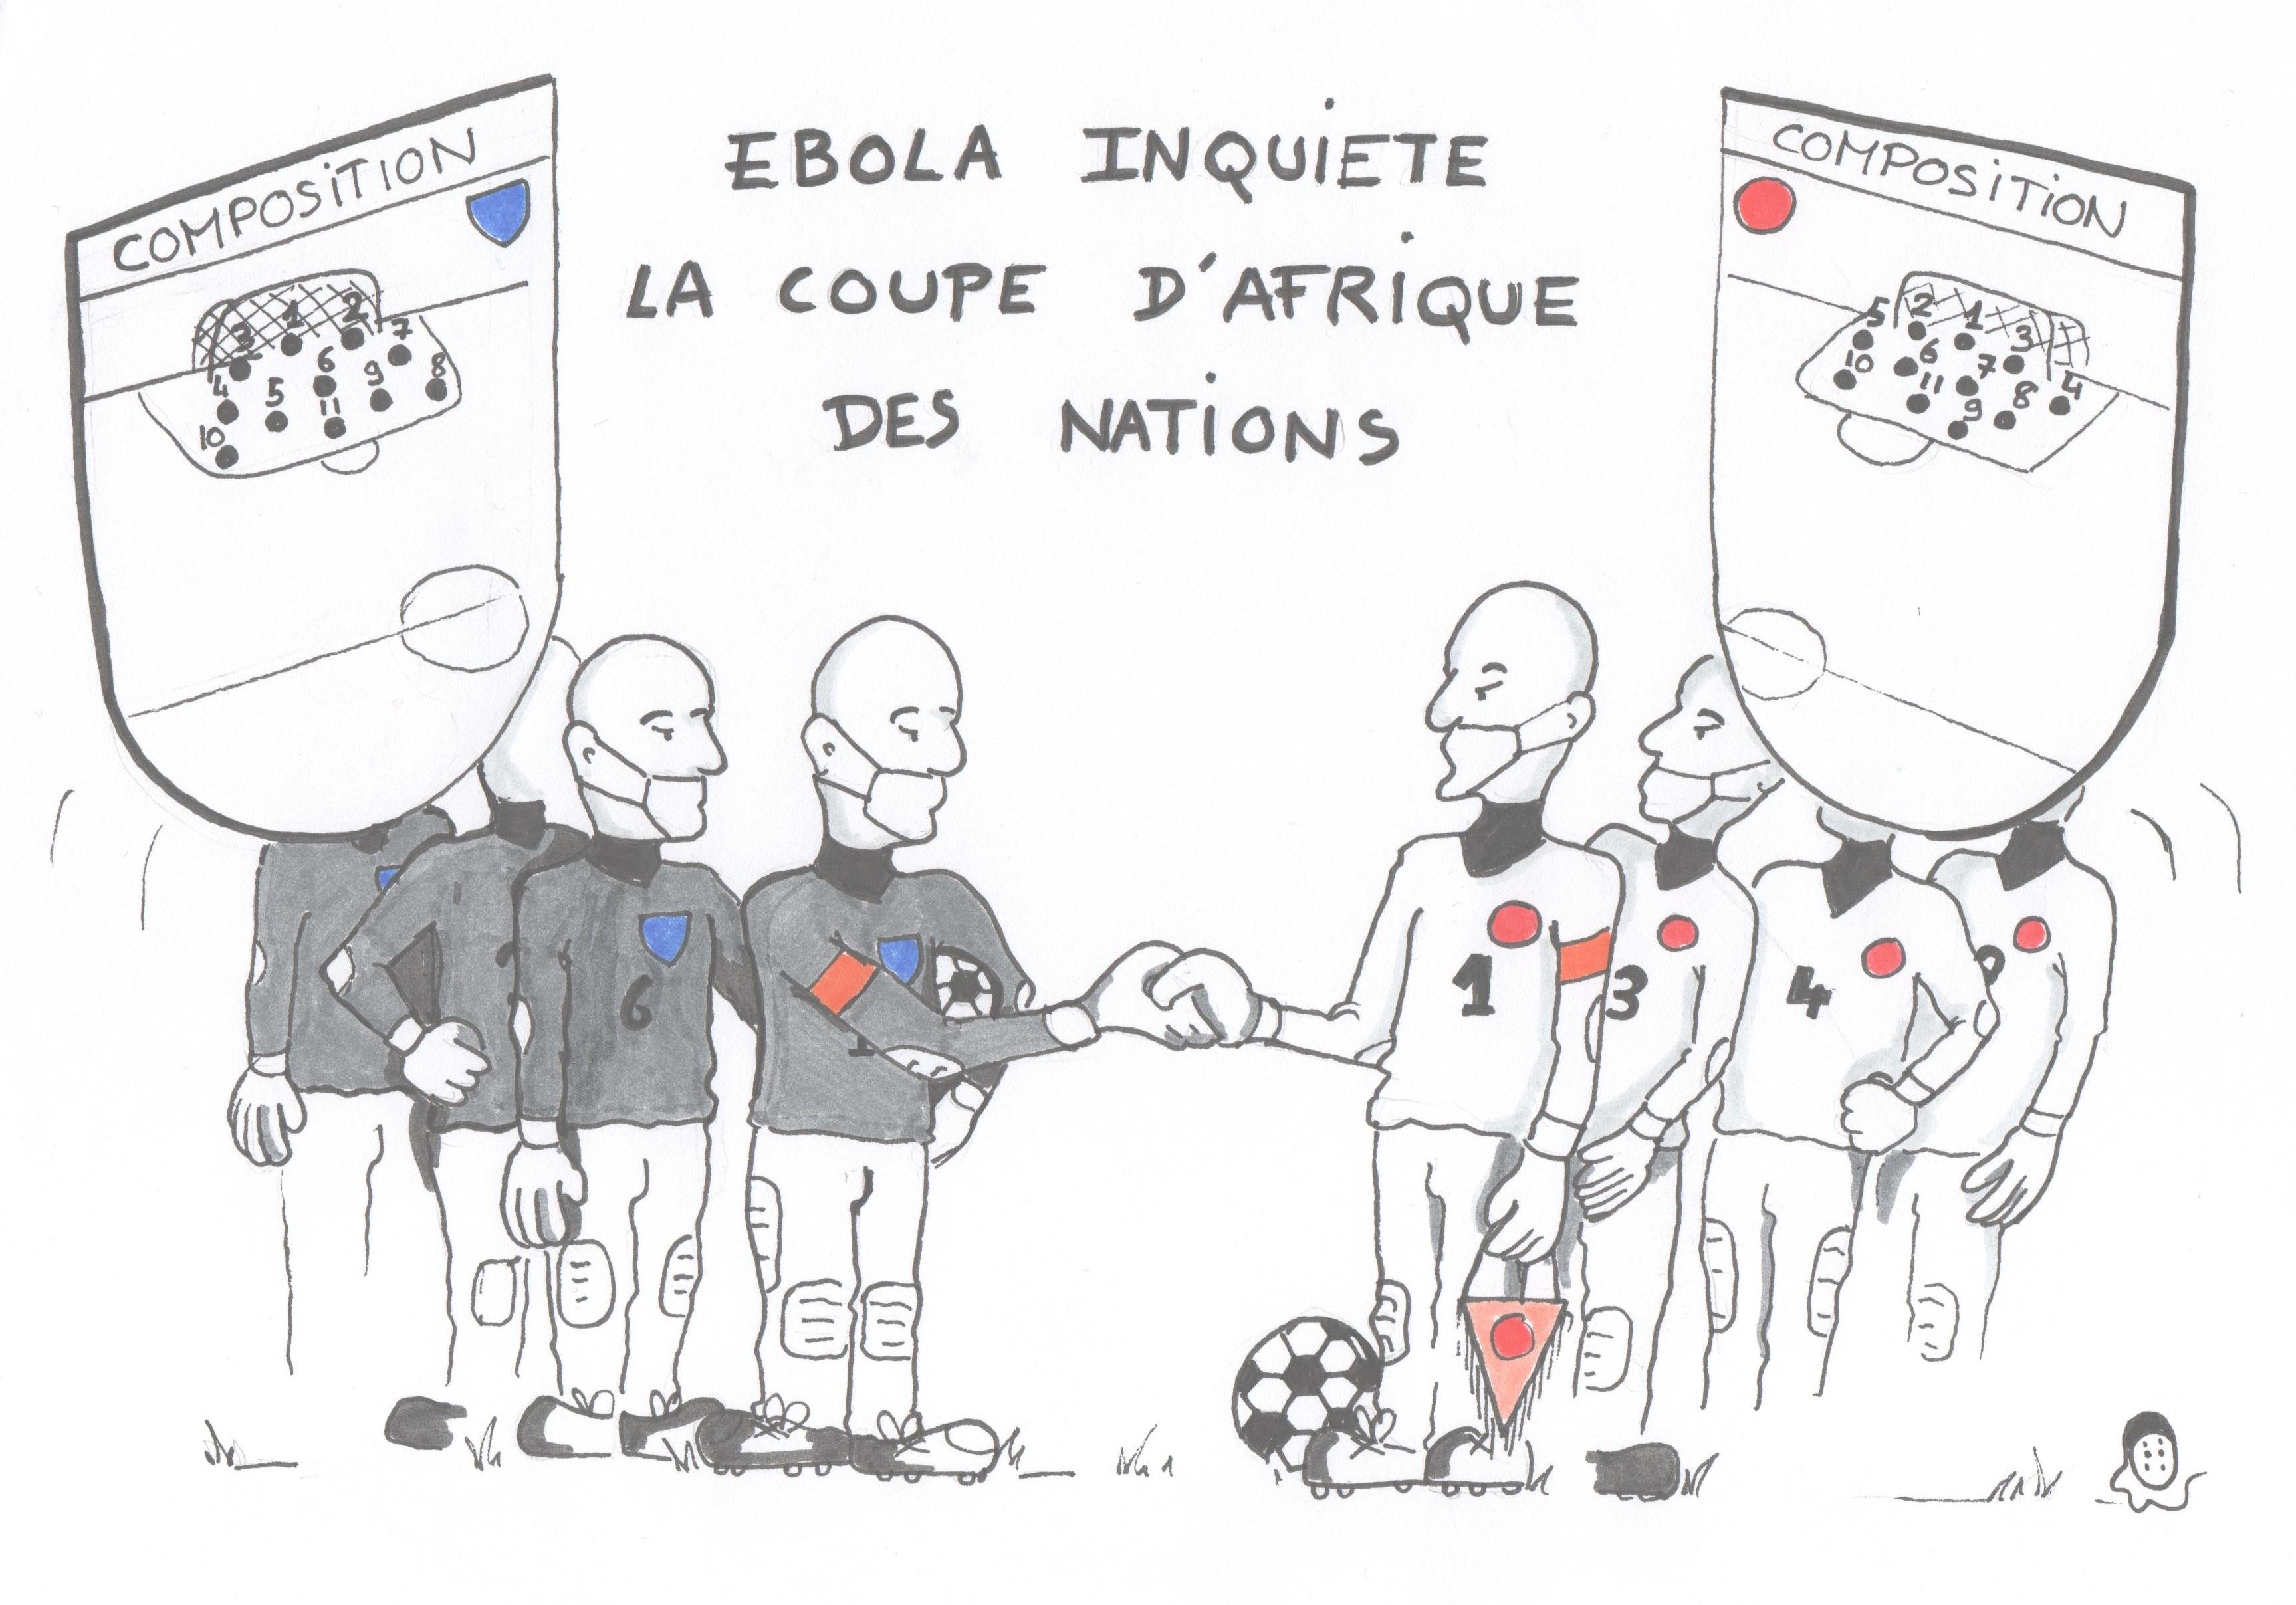 Ebola inqui te la coupe d 39 afrique des nations - Prochaine coupe d afrique des nations ...